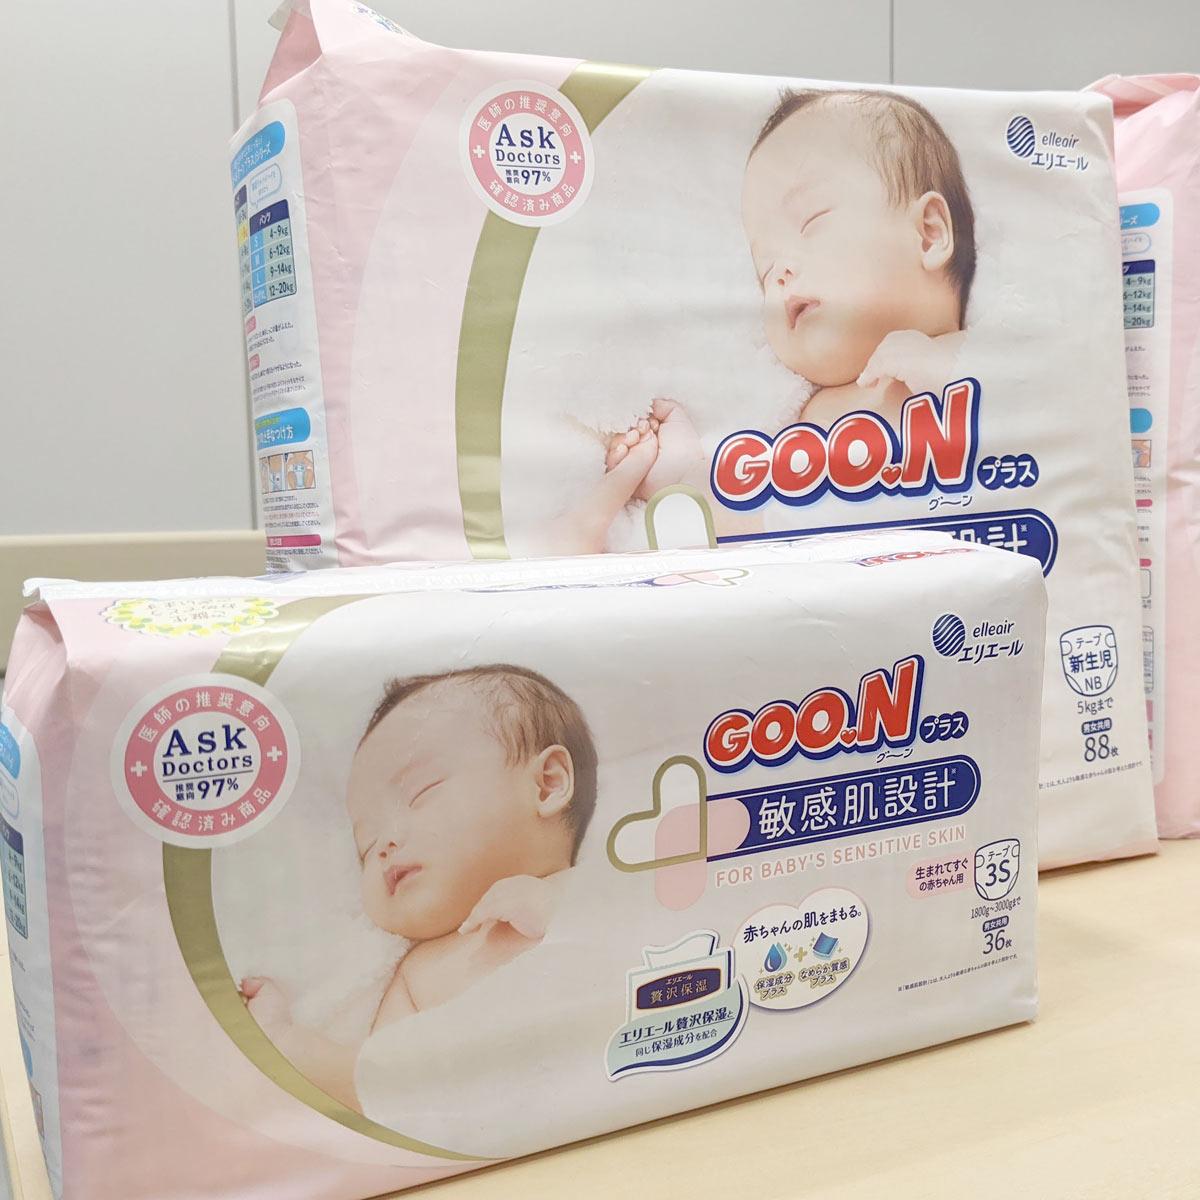 「赤ちゃんの肌は水分を多く含む」は誤解。保湿&低刺激重視のおむつ「グ〜ンプラス」